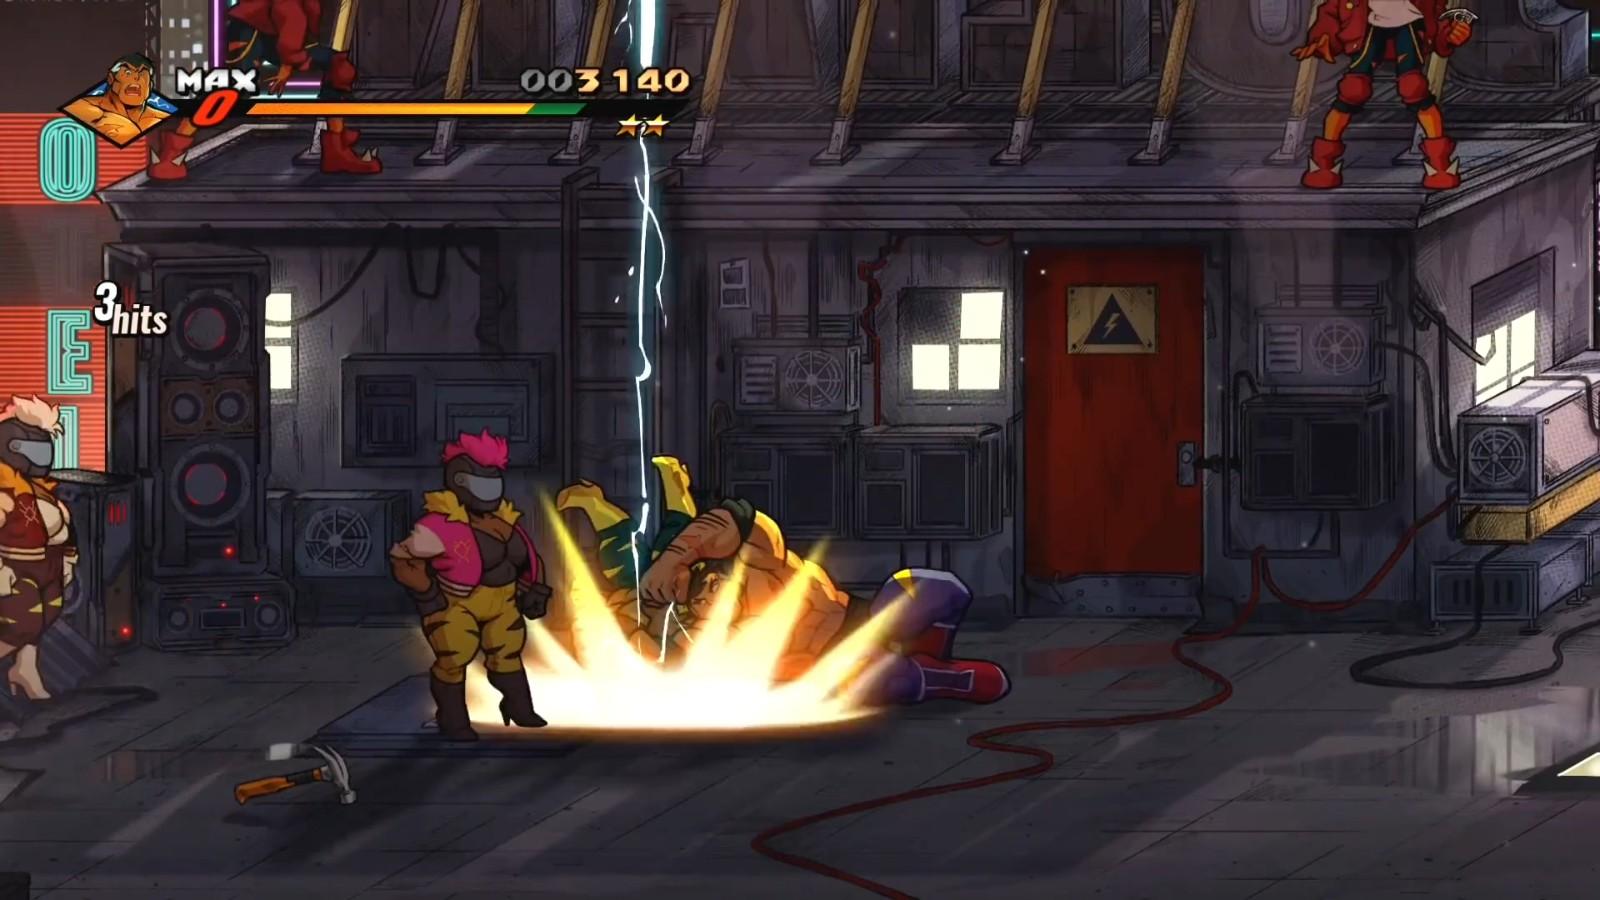 《怒之铁拳4》DLC第二弹预报 力气与摔交技选手